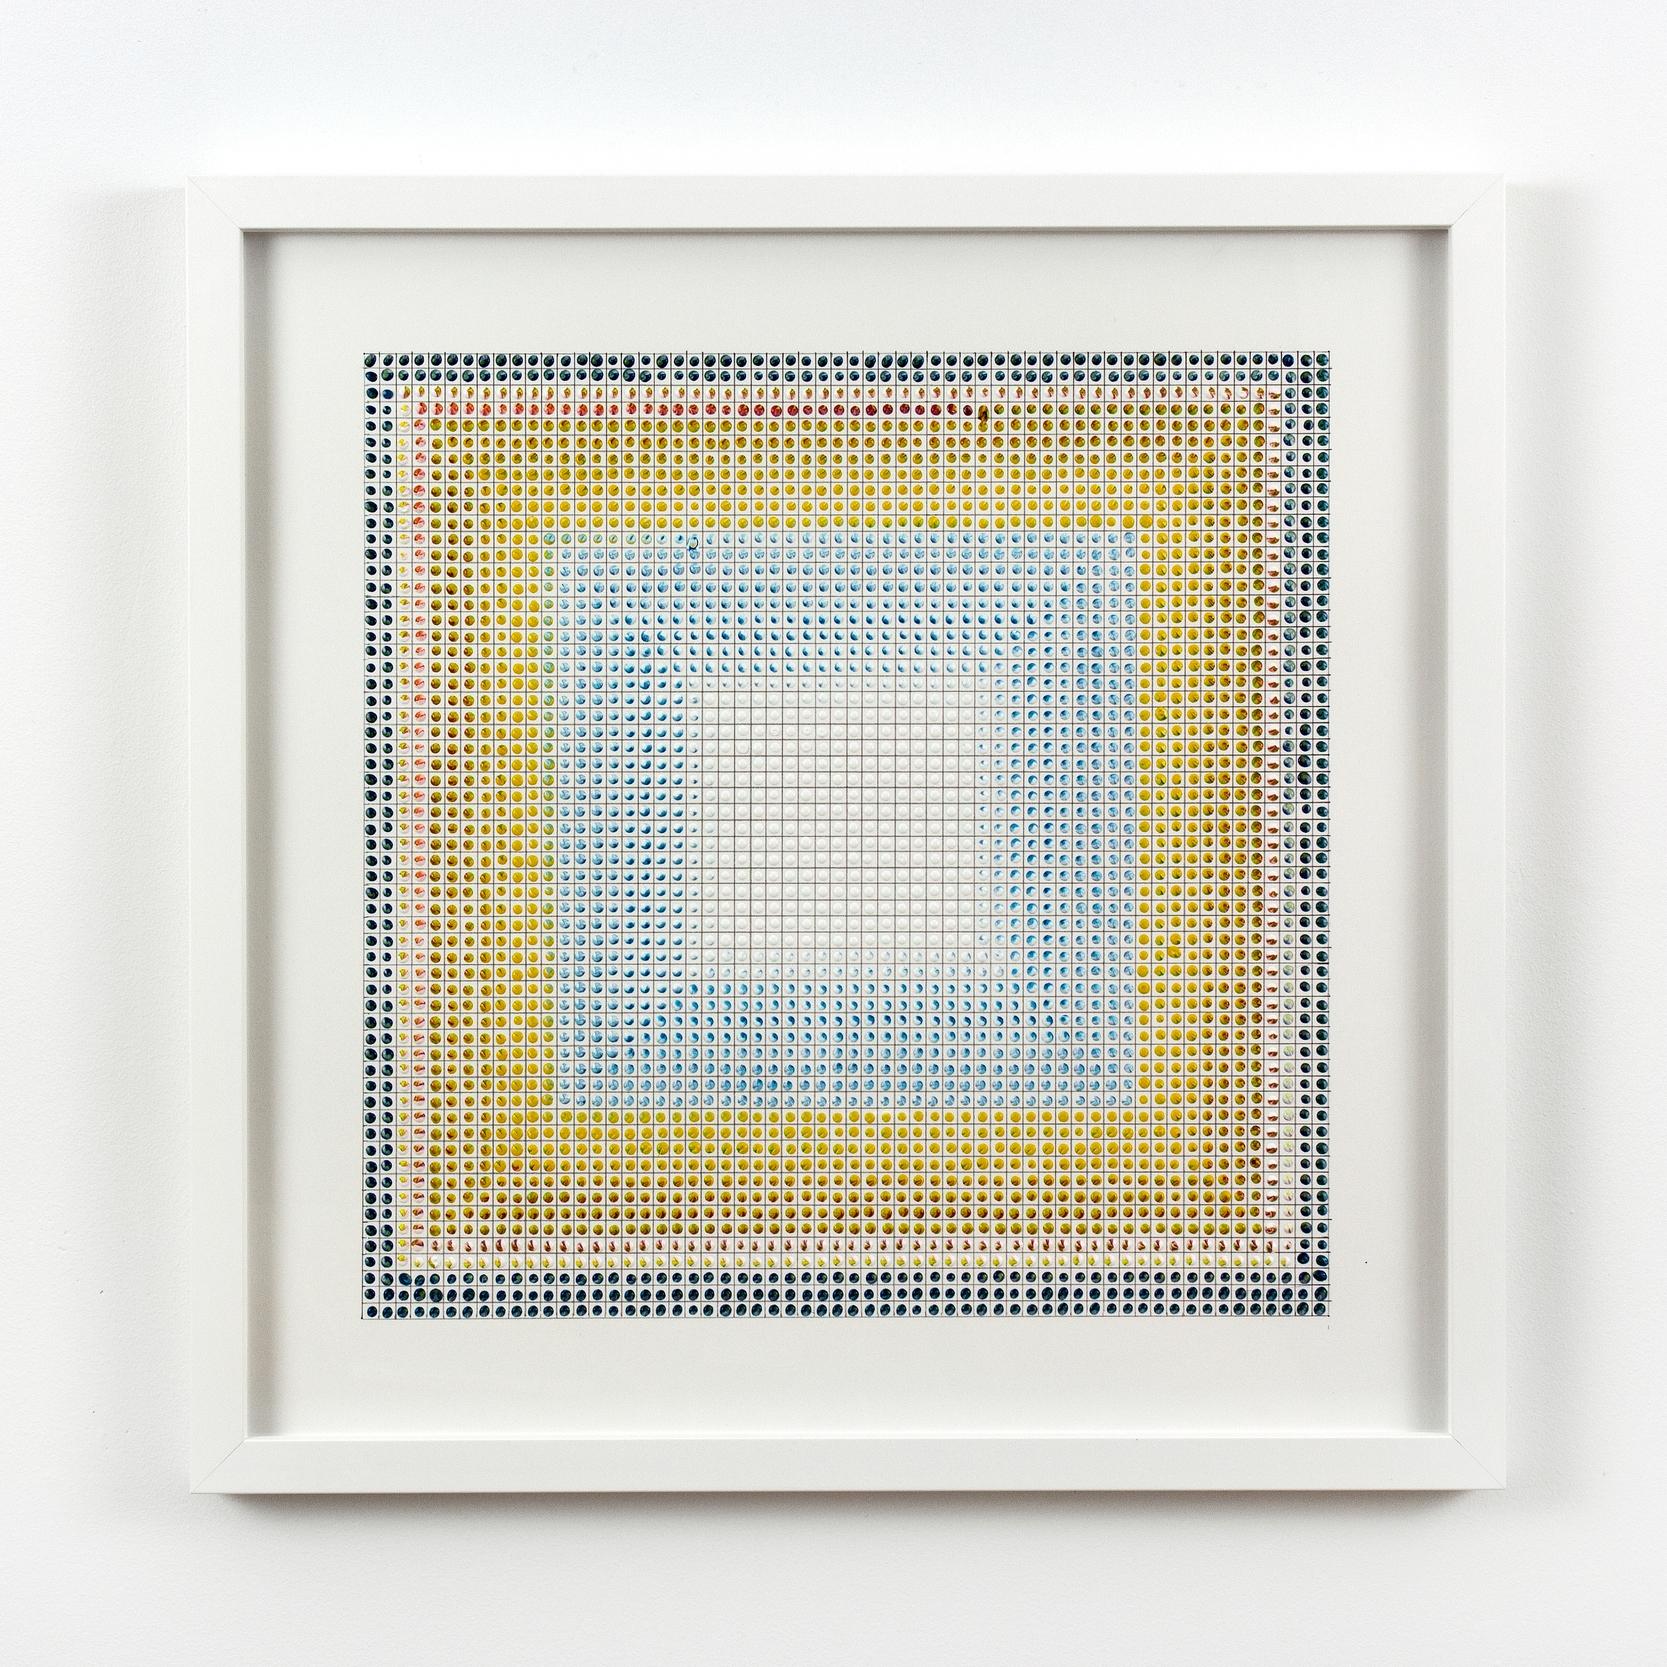 Untitled (BYR), acrylic on paper, 2015, 19 x 19in | 48 x 48cm